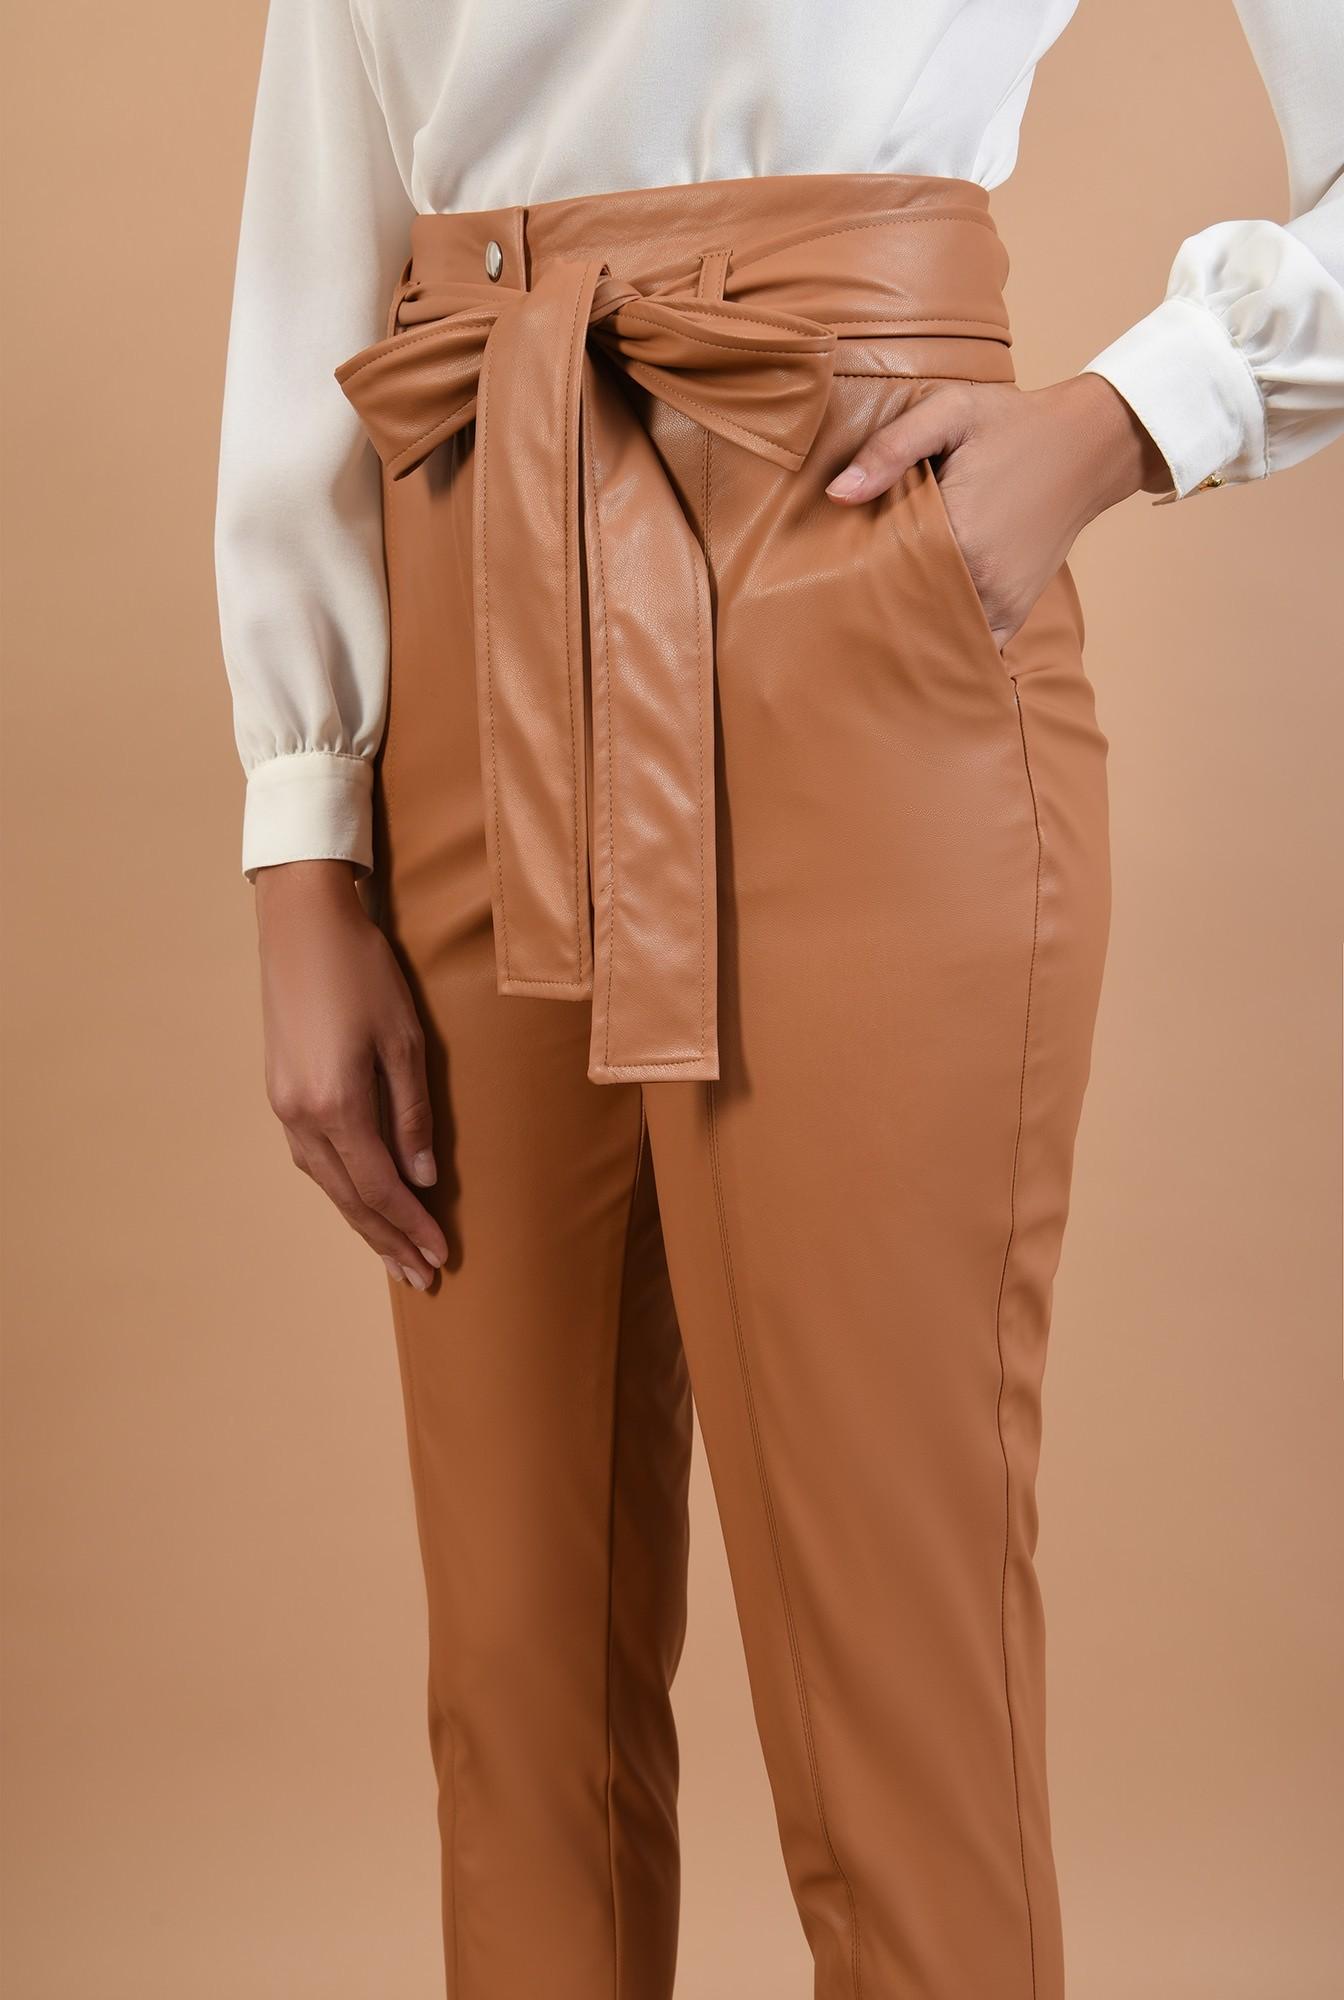 2 - pantaloni tigareta, betelie lata, capse, cusatura pe mijloc